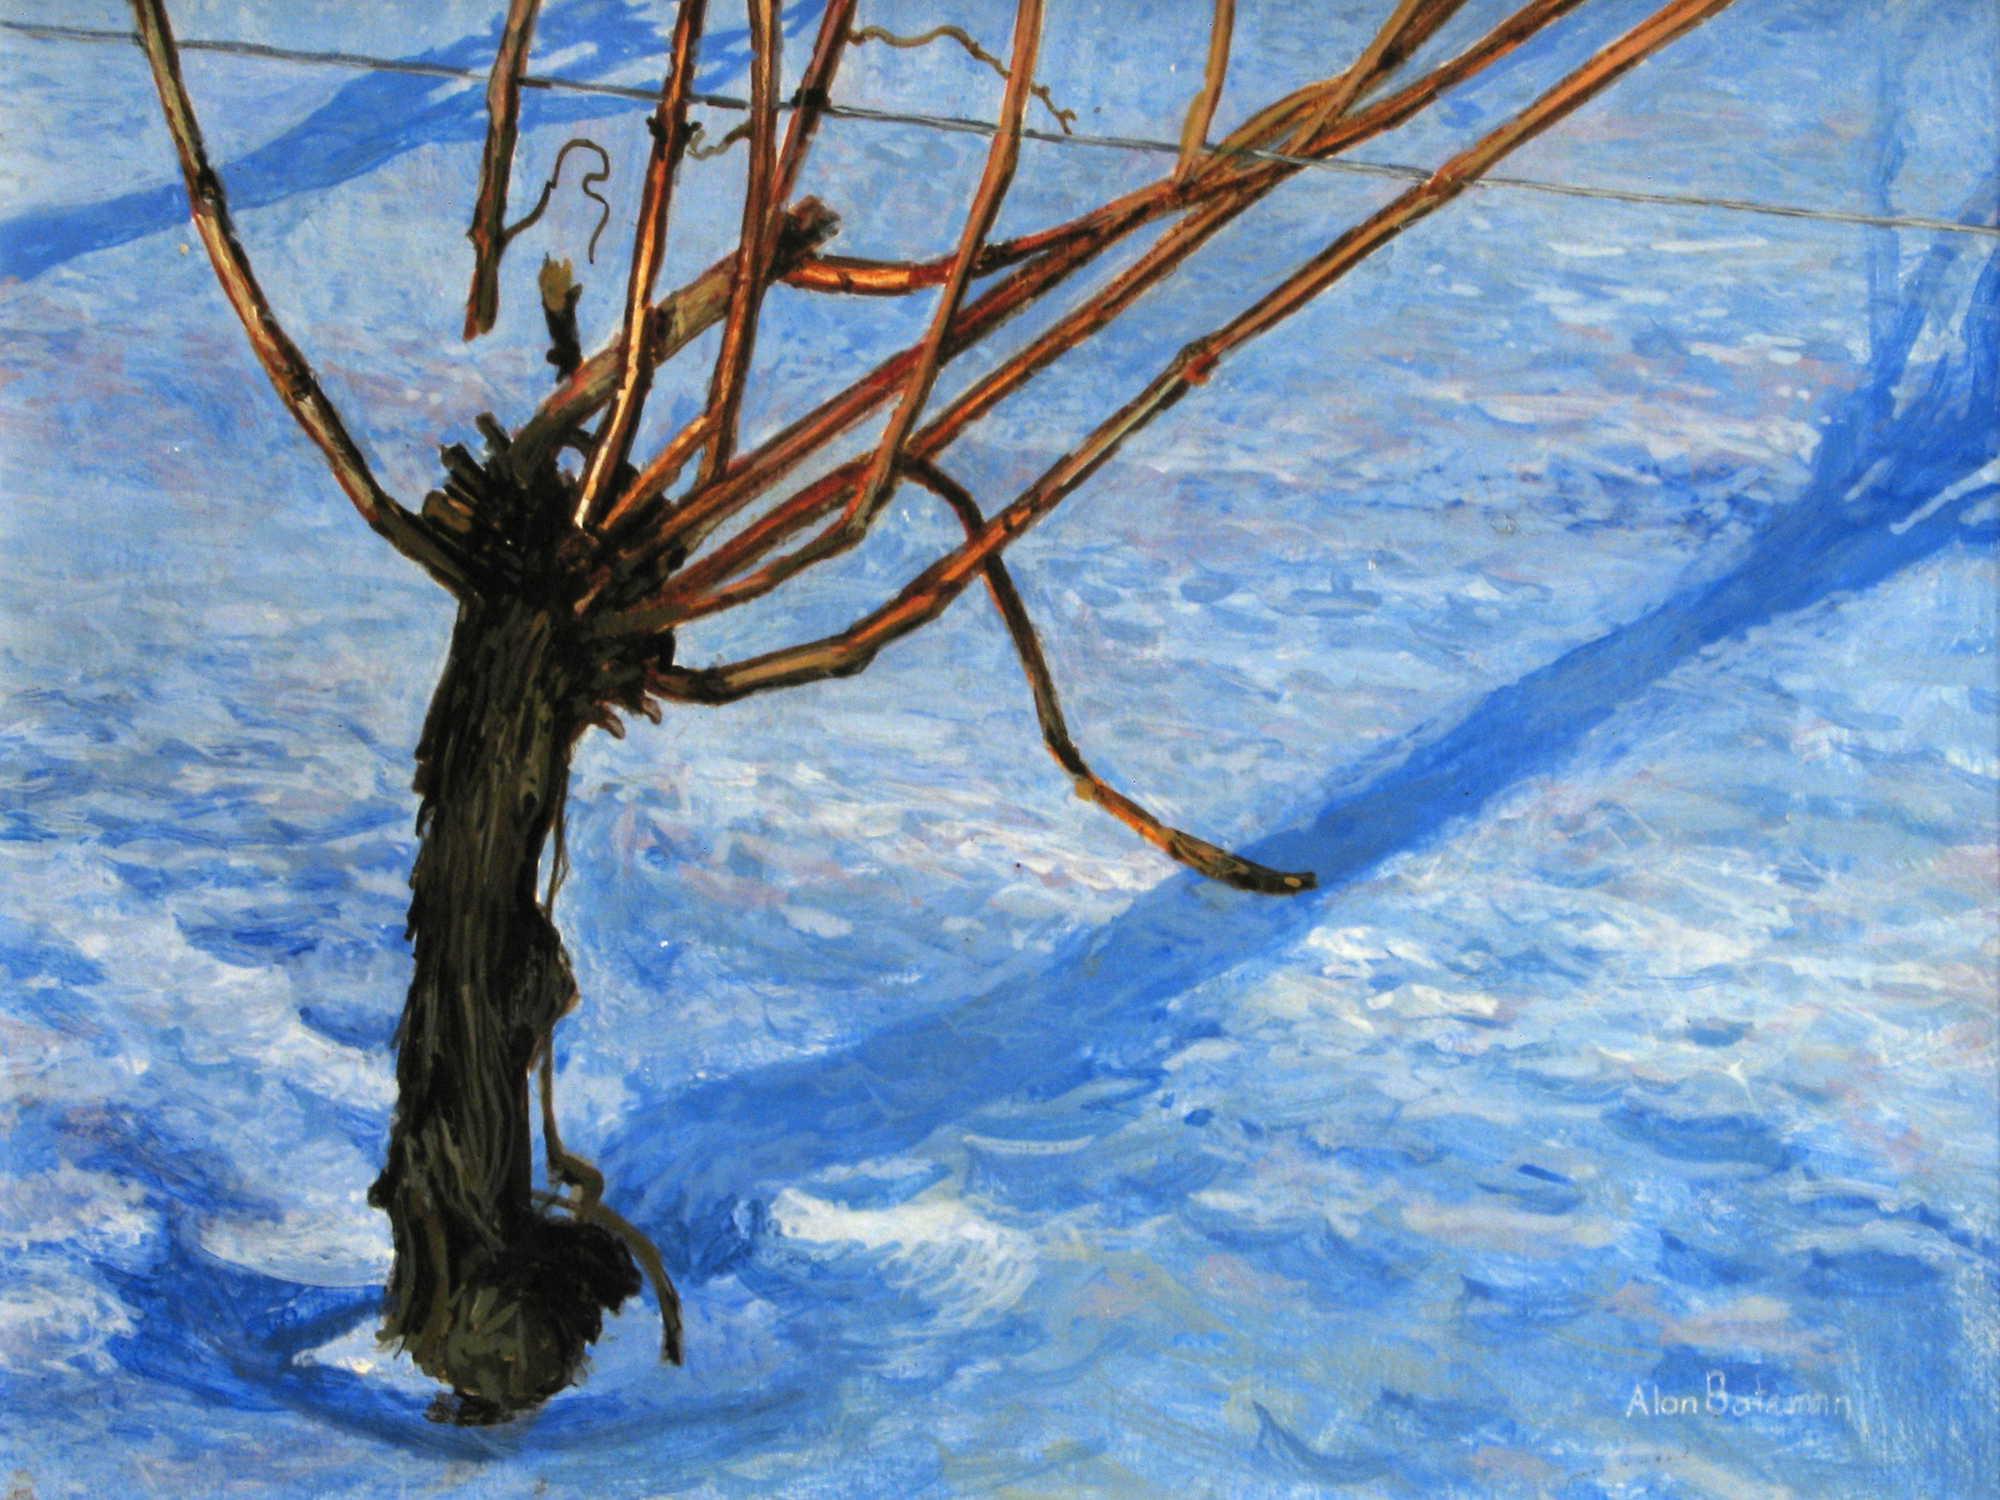 Winter Vineyard Alan Bateman